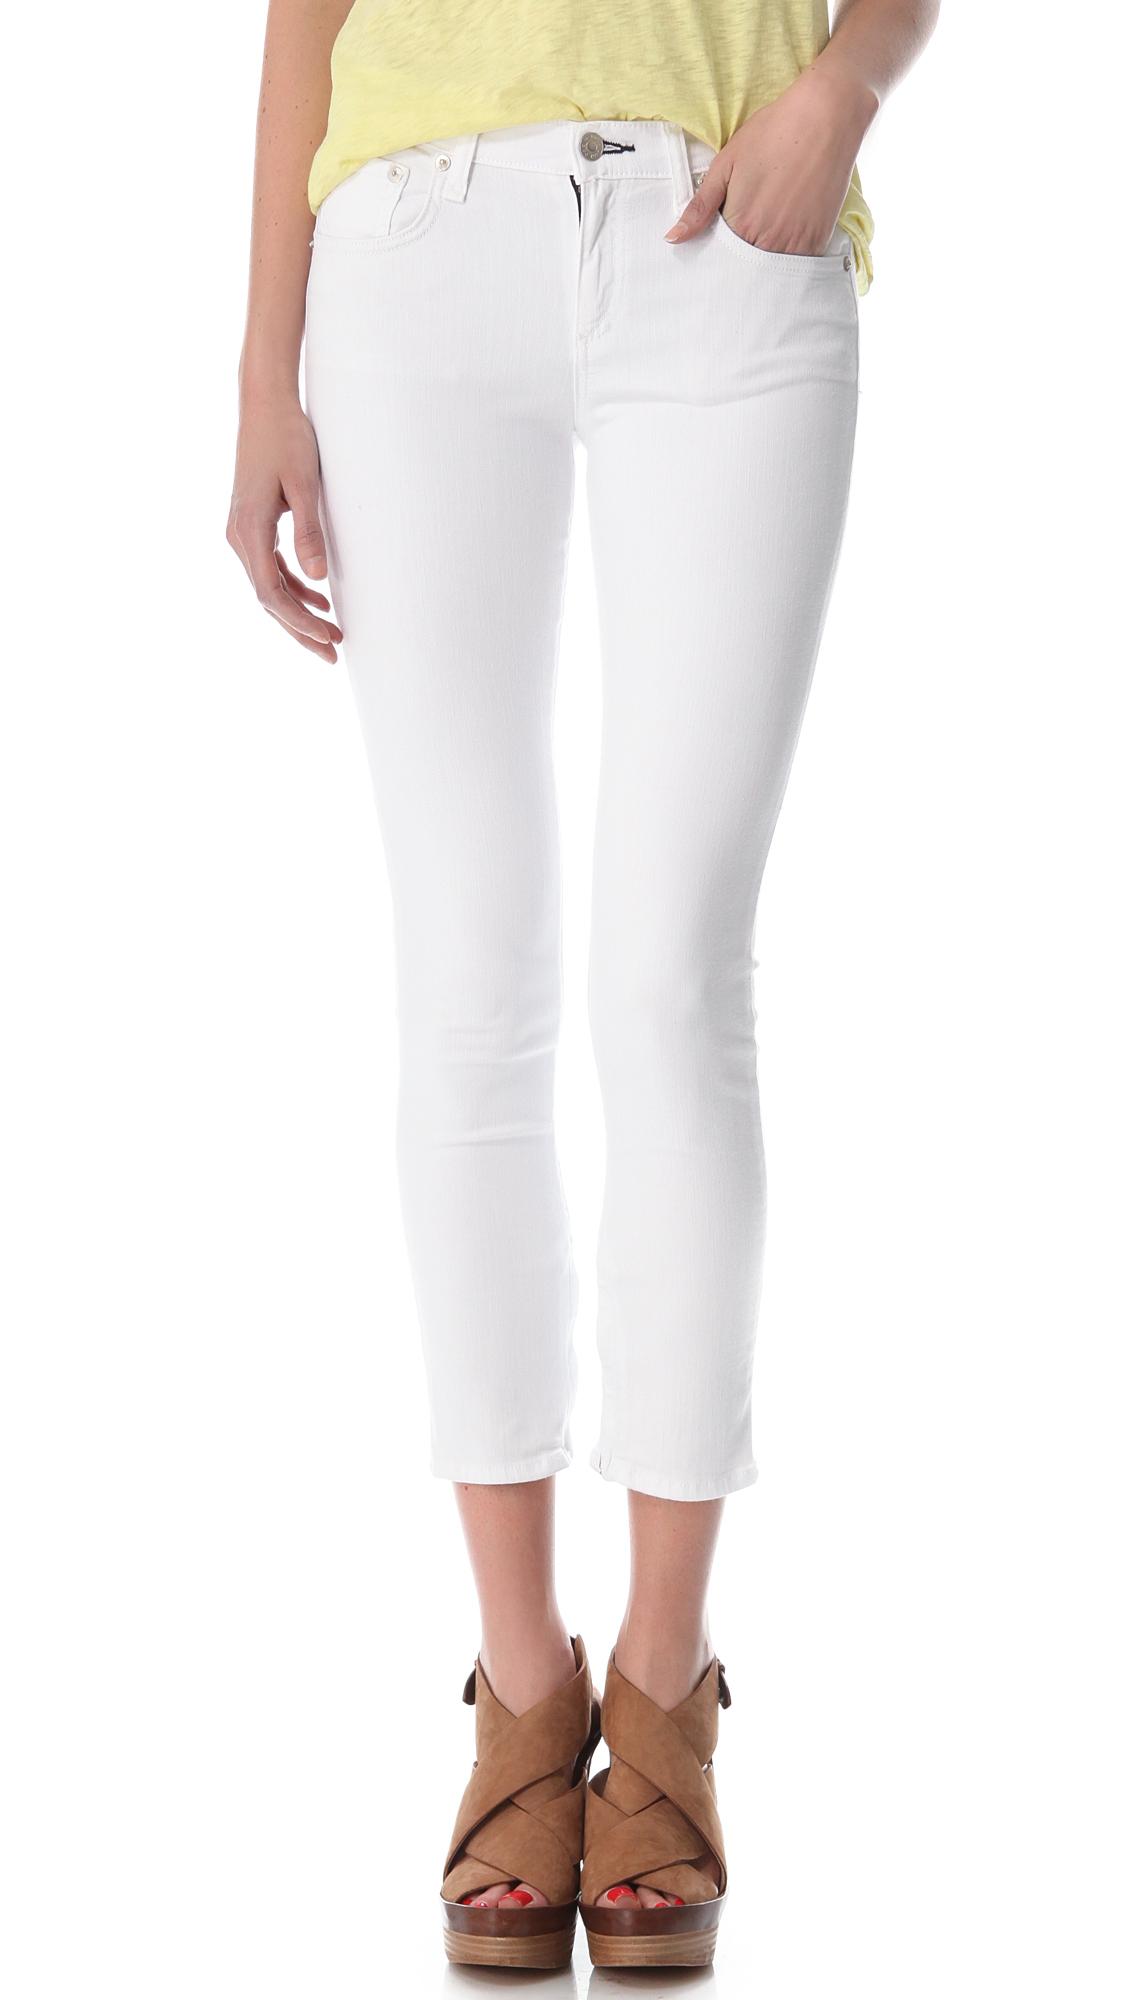 Rag & bone Zipper Capri Skinny Jeans in White | Lyst